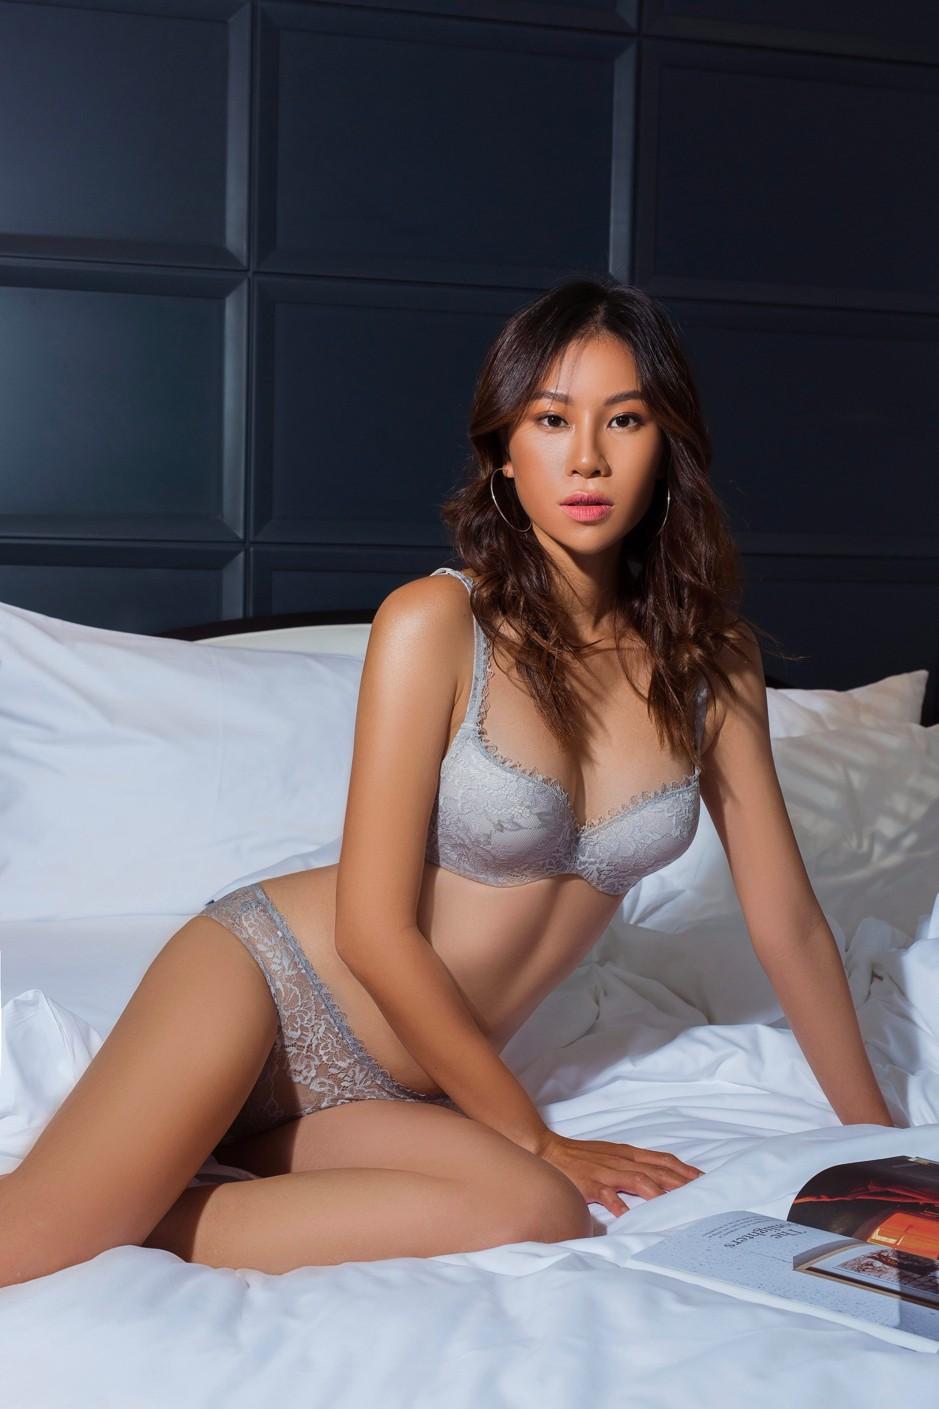 """Seduce Viet Nam ra mắt BST nội y nữ - """"Phụ nữ, hãy yêu lấy chính mình"""" - Ảnh 6."""